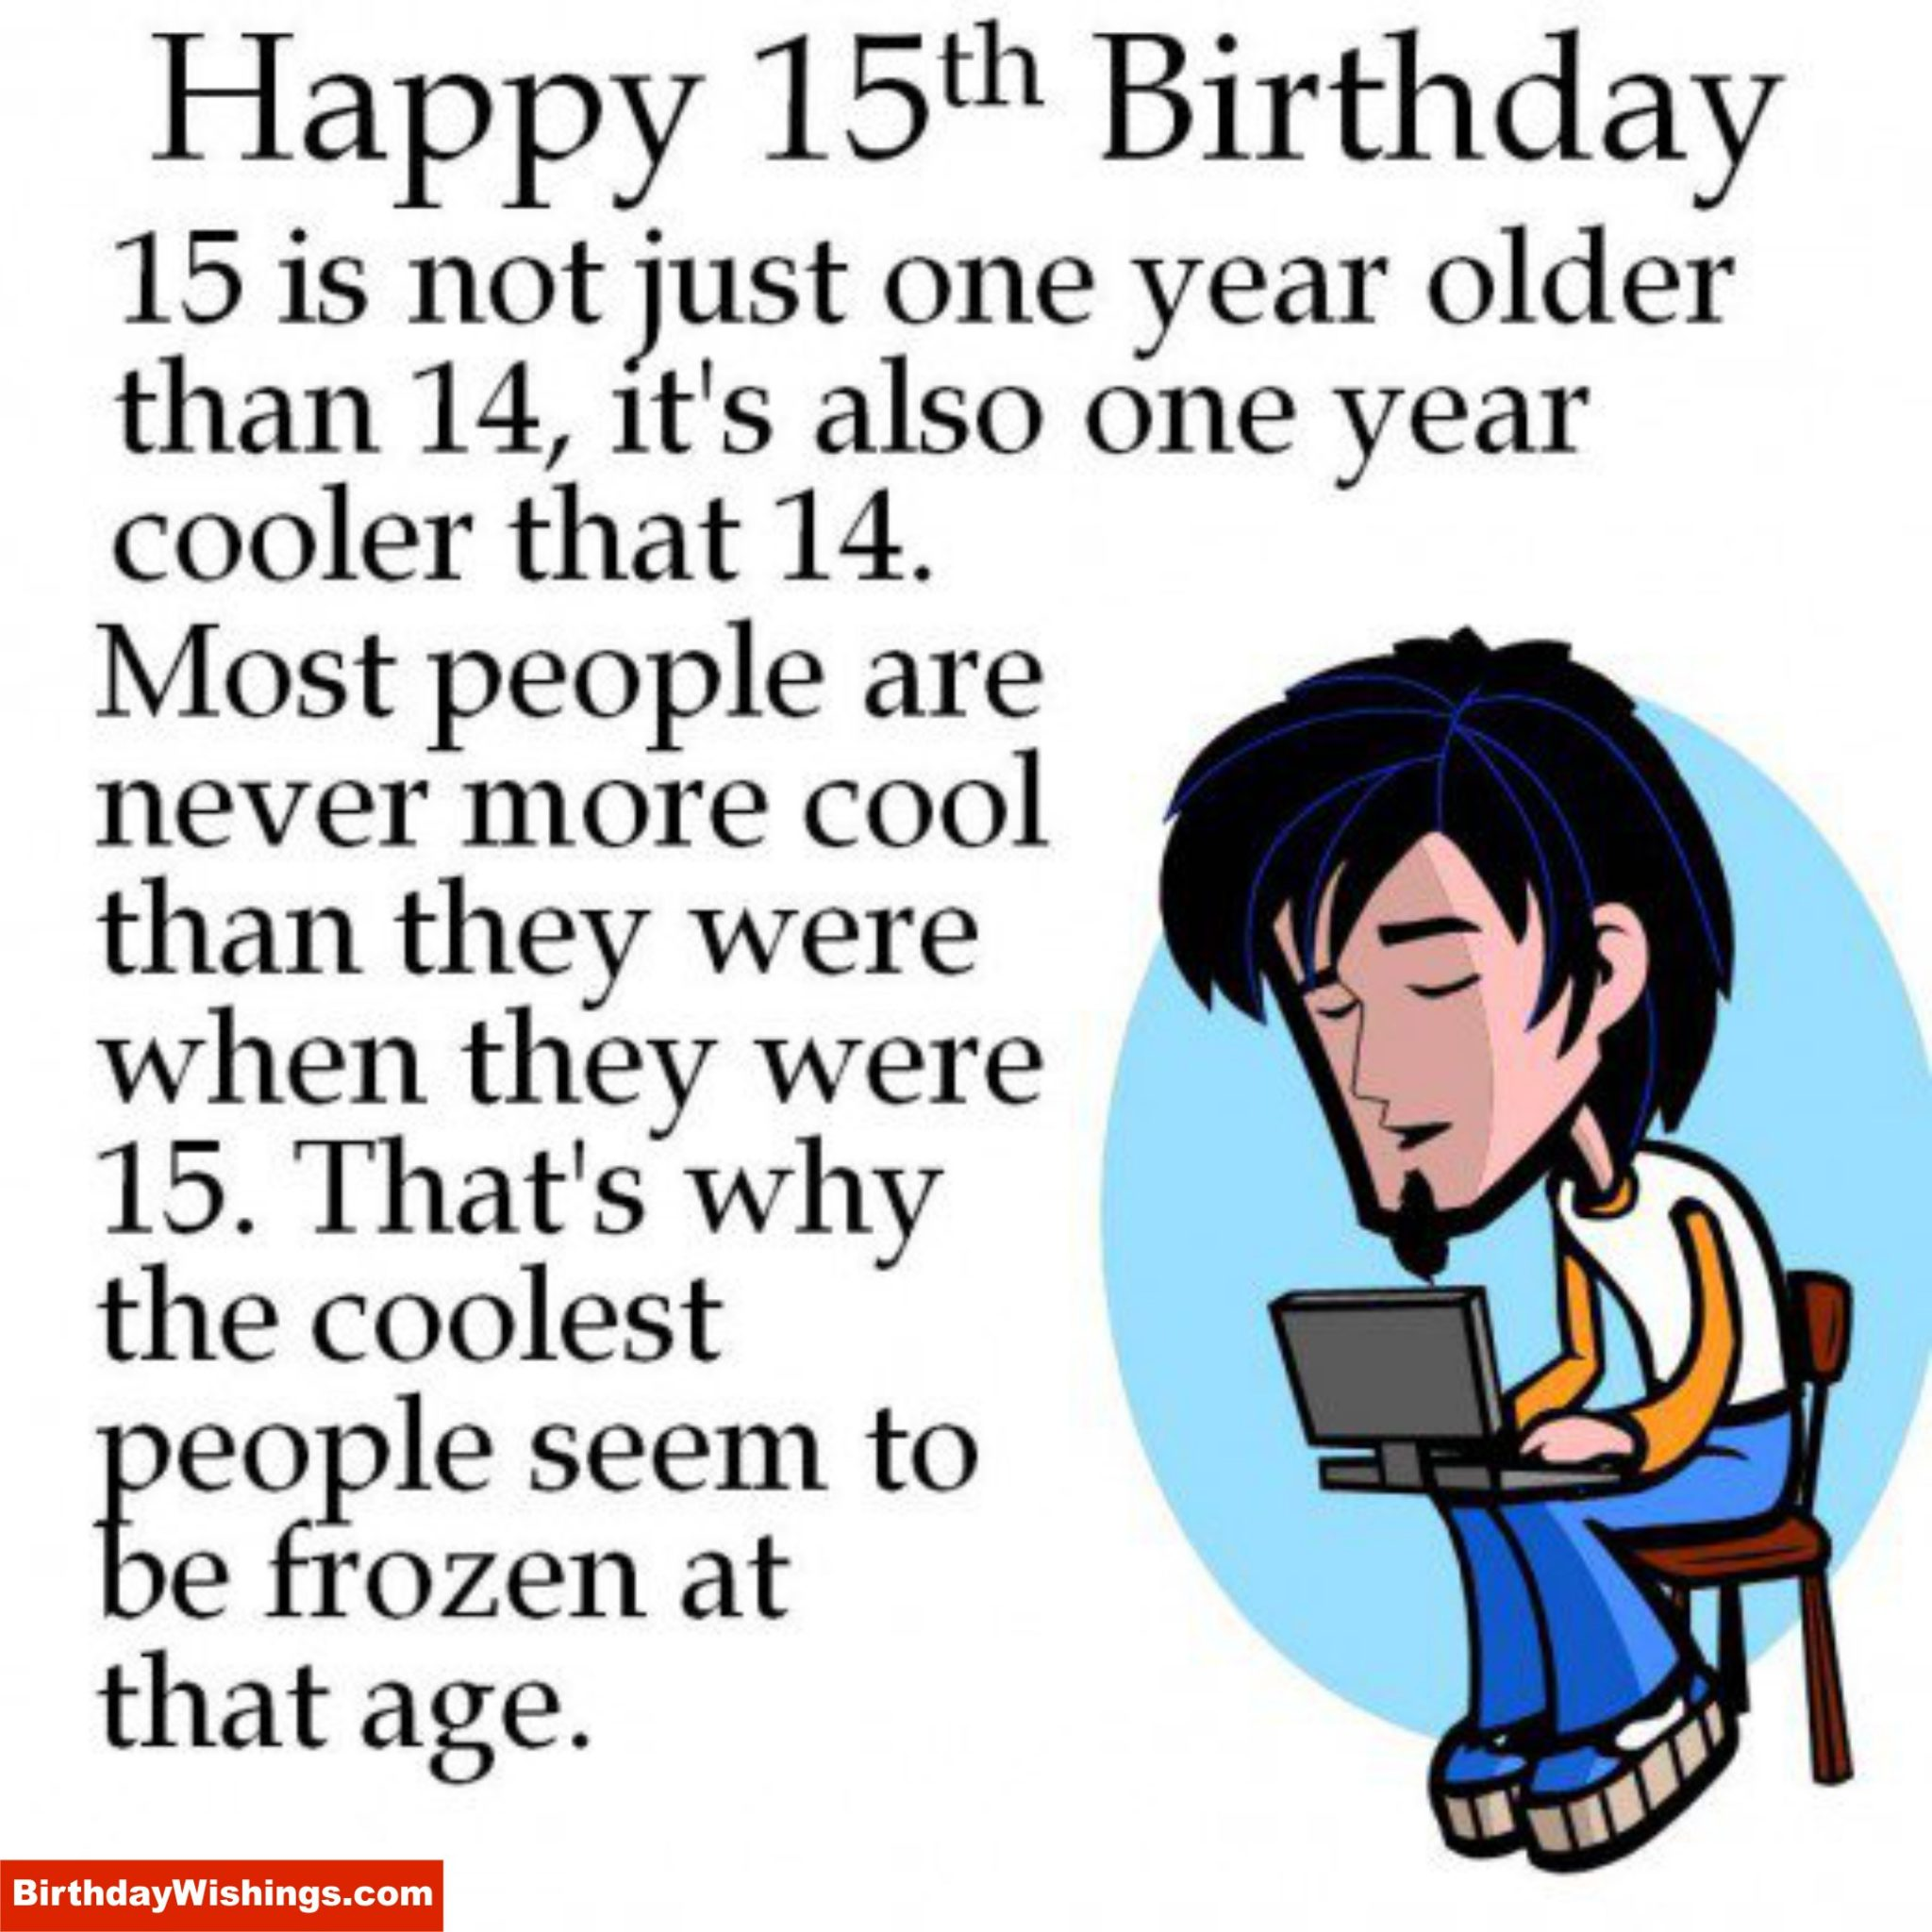 Happy 15th Birthday Poem